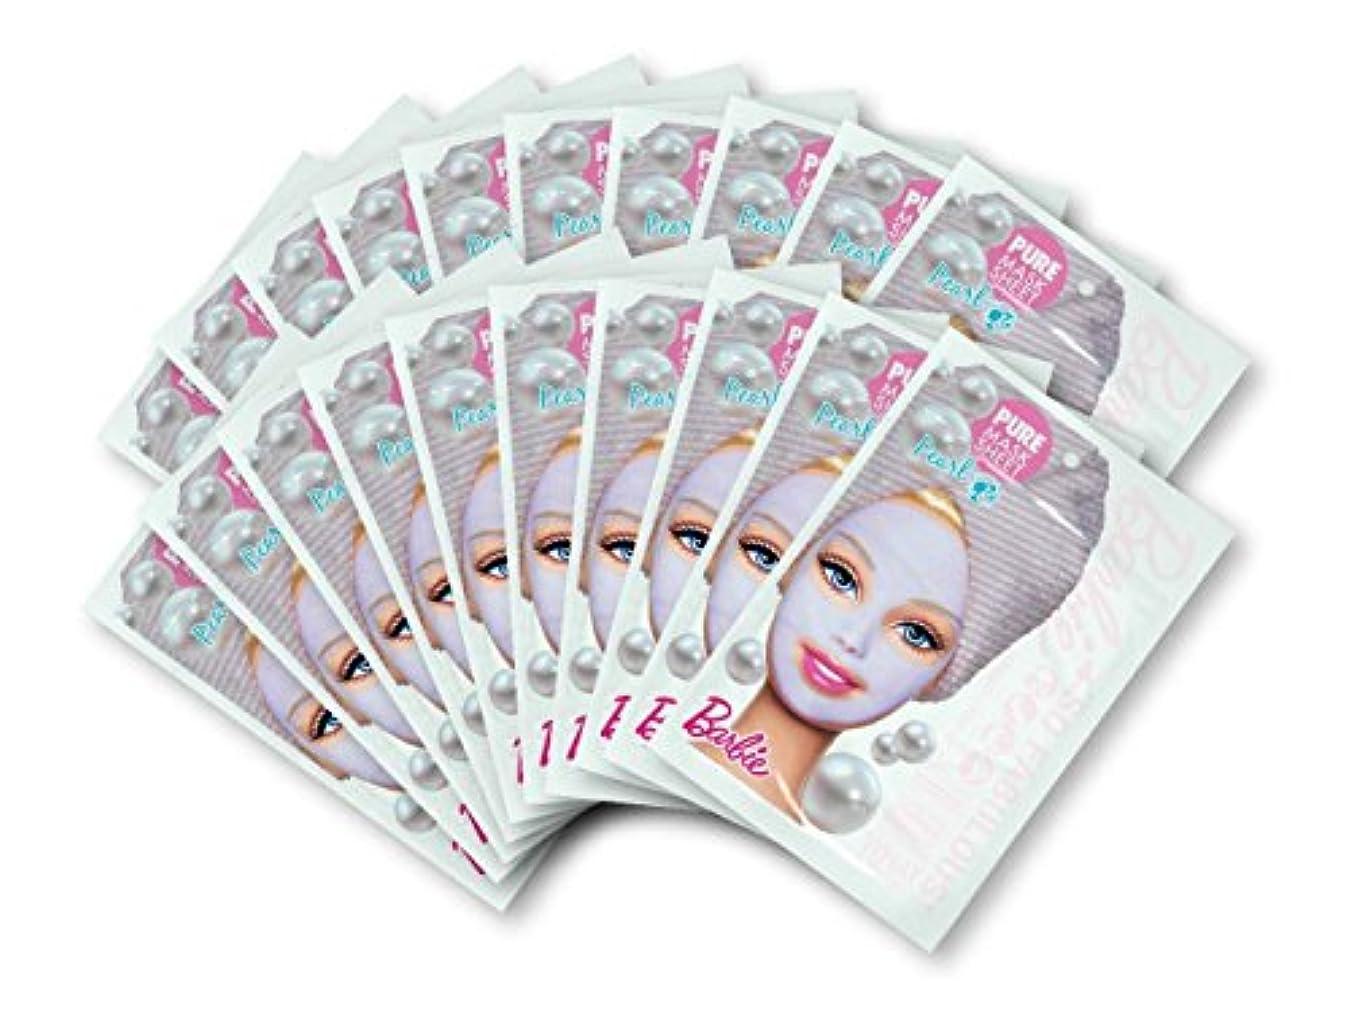 人工的ないちゃつく法廷バービー (Barbie) フェイスマスク ピュアマスクシートN (パール) 25ml×20枚入り [保湿] 顔 シートマスク フェイスパック